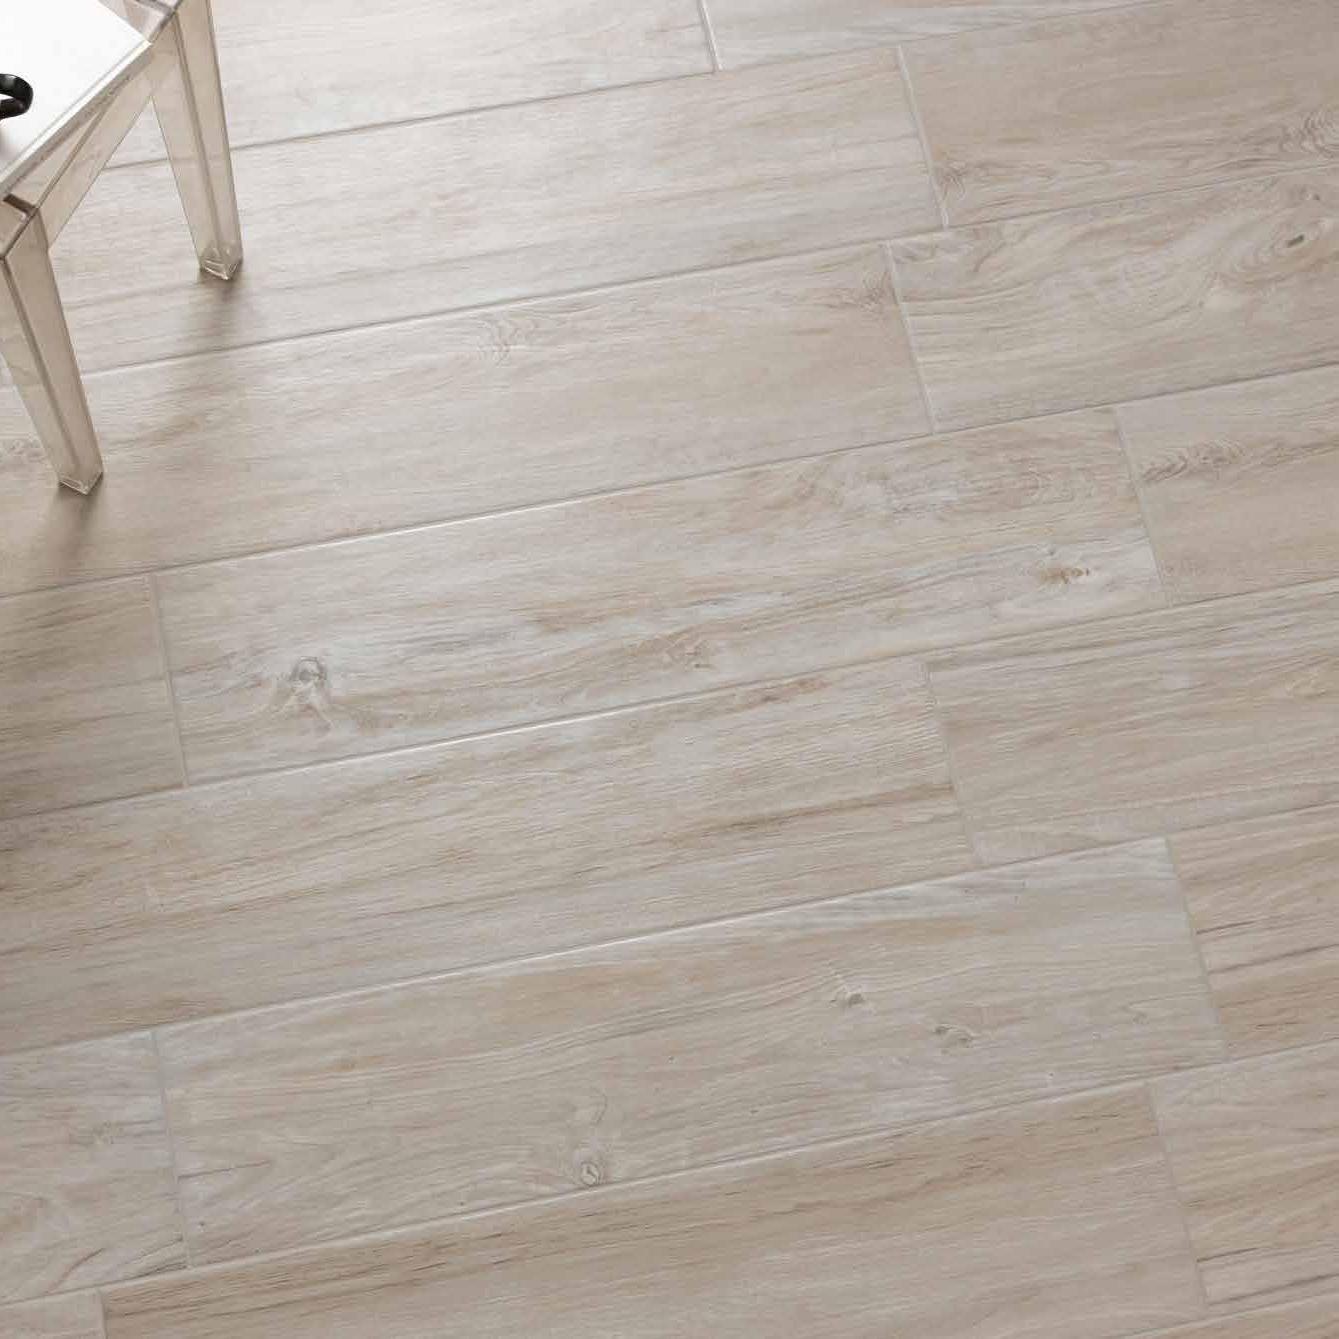 Gres Porcellanato Smaltato Caratteristiche feel white, pavimento in gres porcellanato effetto legno di paul&co